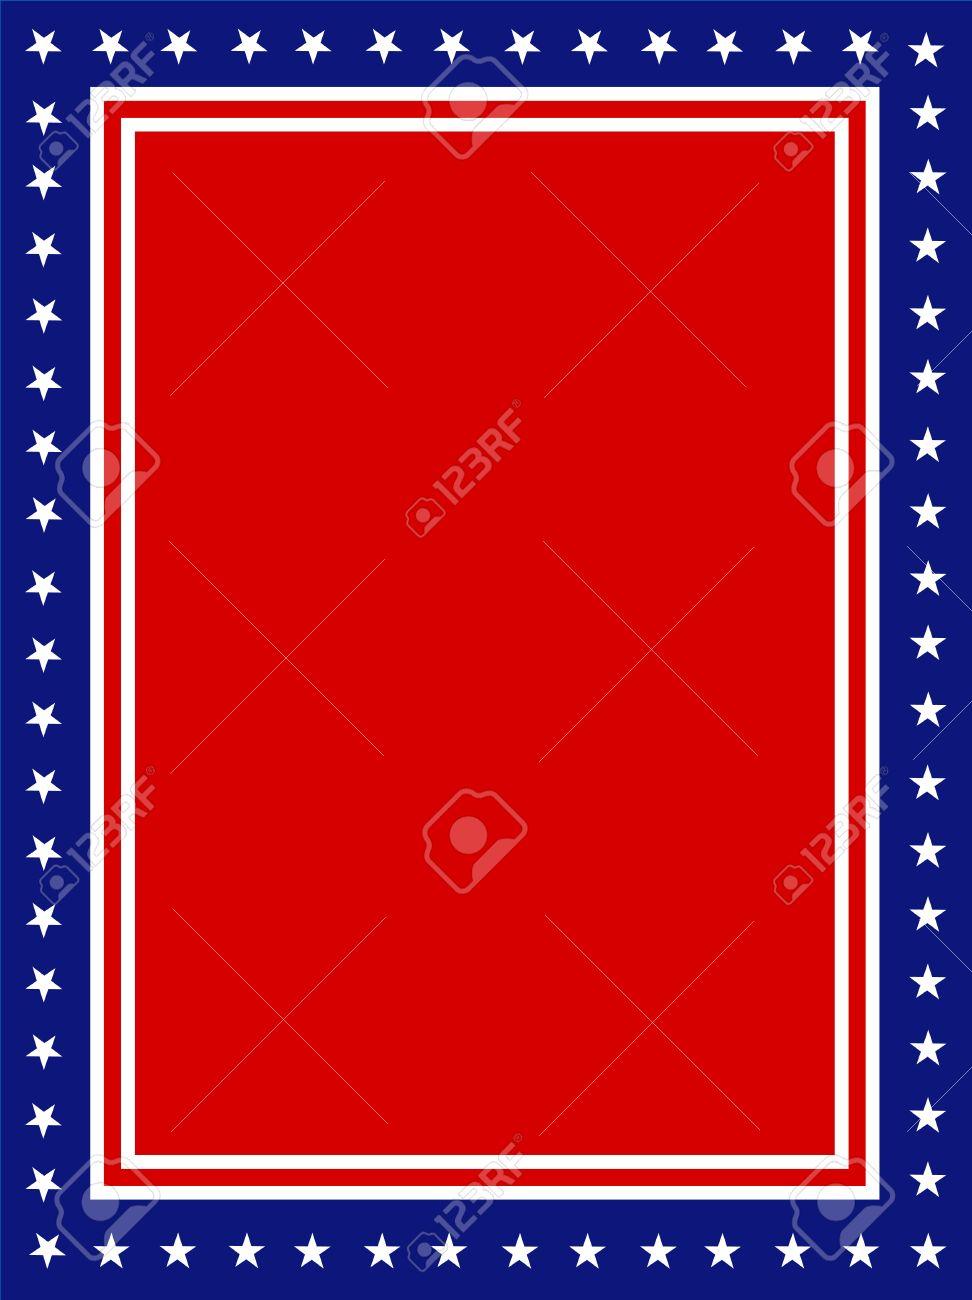 Azul Y Rojo Estrellas Patrióticas Y Página Rayas Diseño De La ...